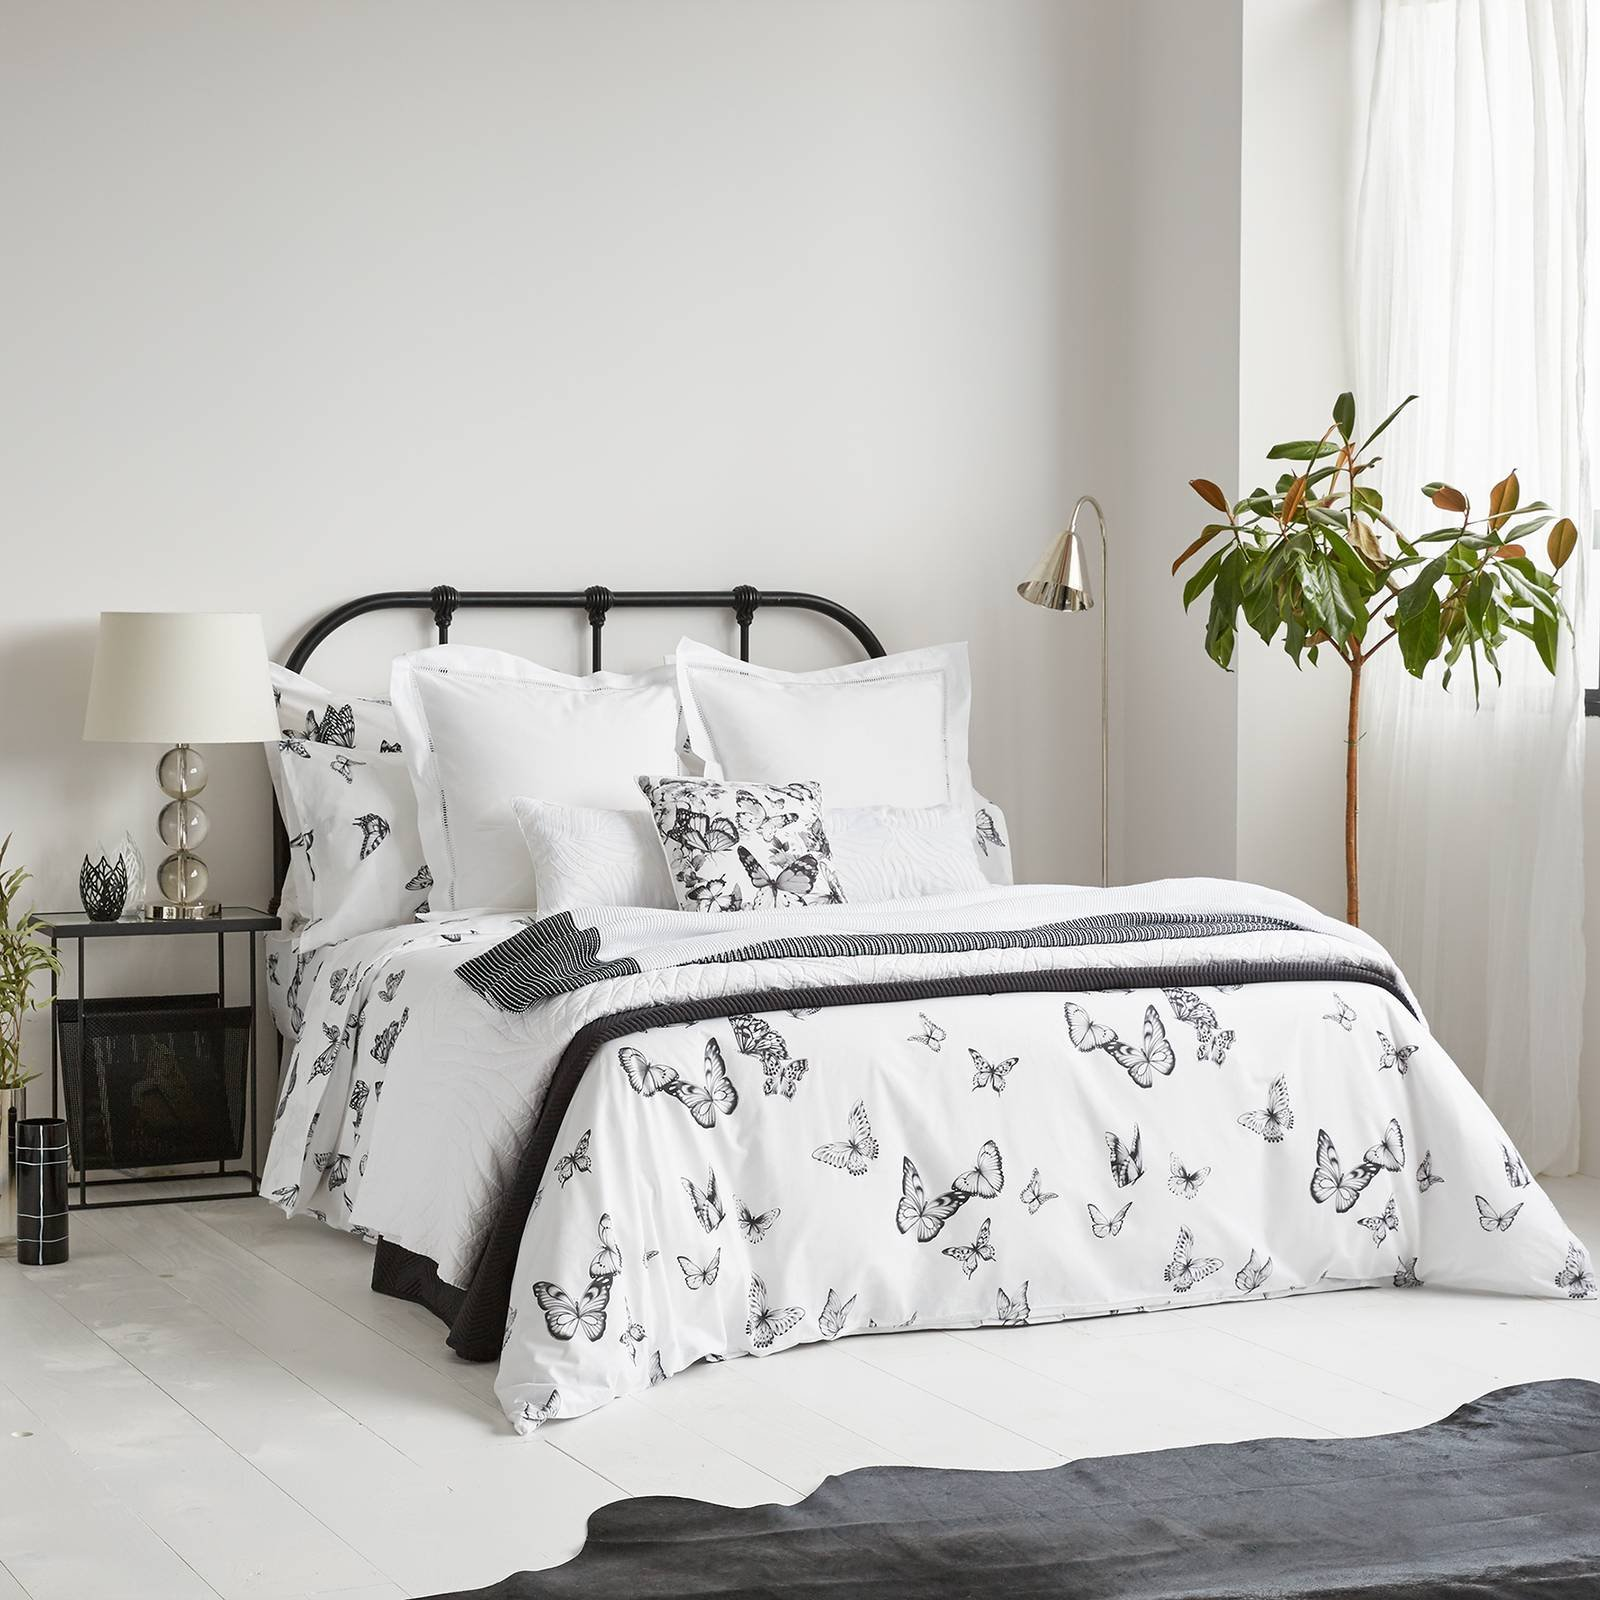 Zara Home Biancheria Da Letto.Lenzuola E Completi Per Il Letto Confortevoli Con Stile Cose Di Casa